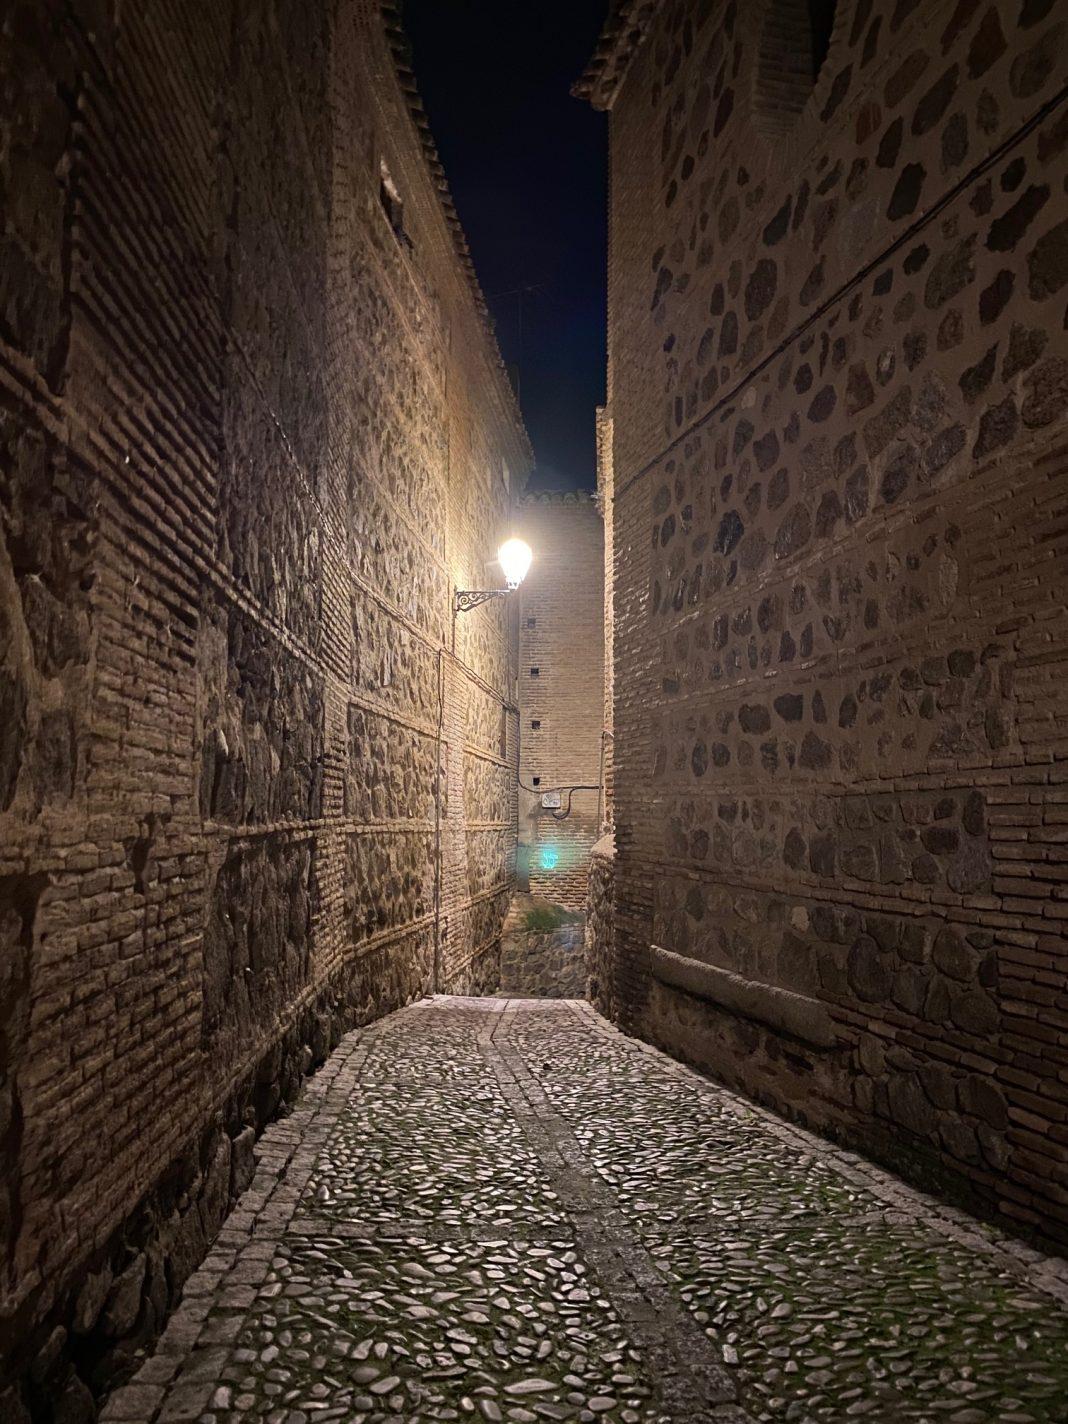 Un olvidado Callejón de los Muertos en Toledo, tras la Iglesia de San Lorenzo.